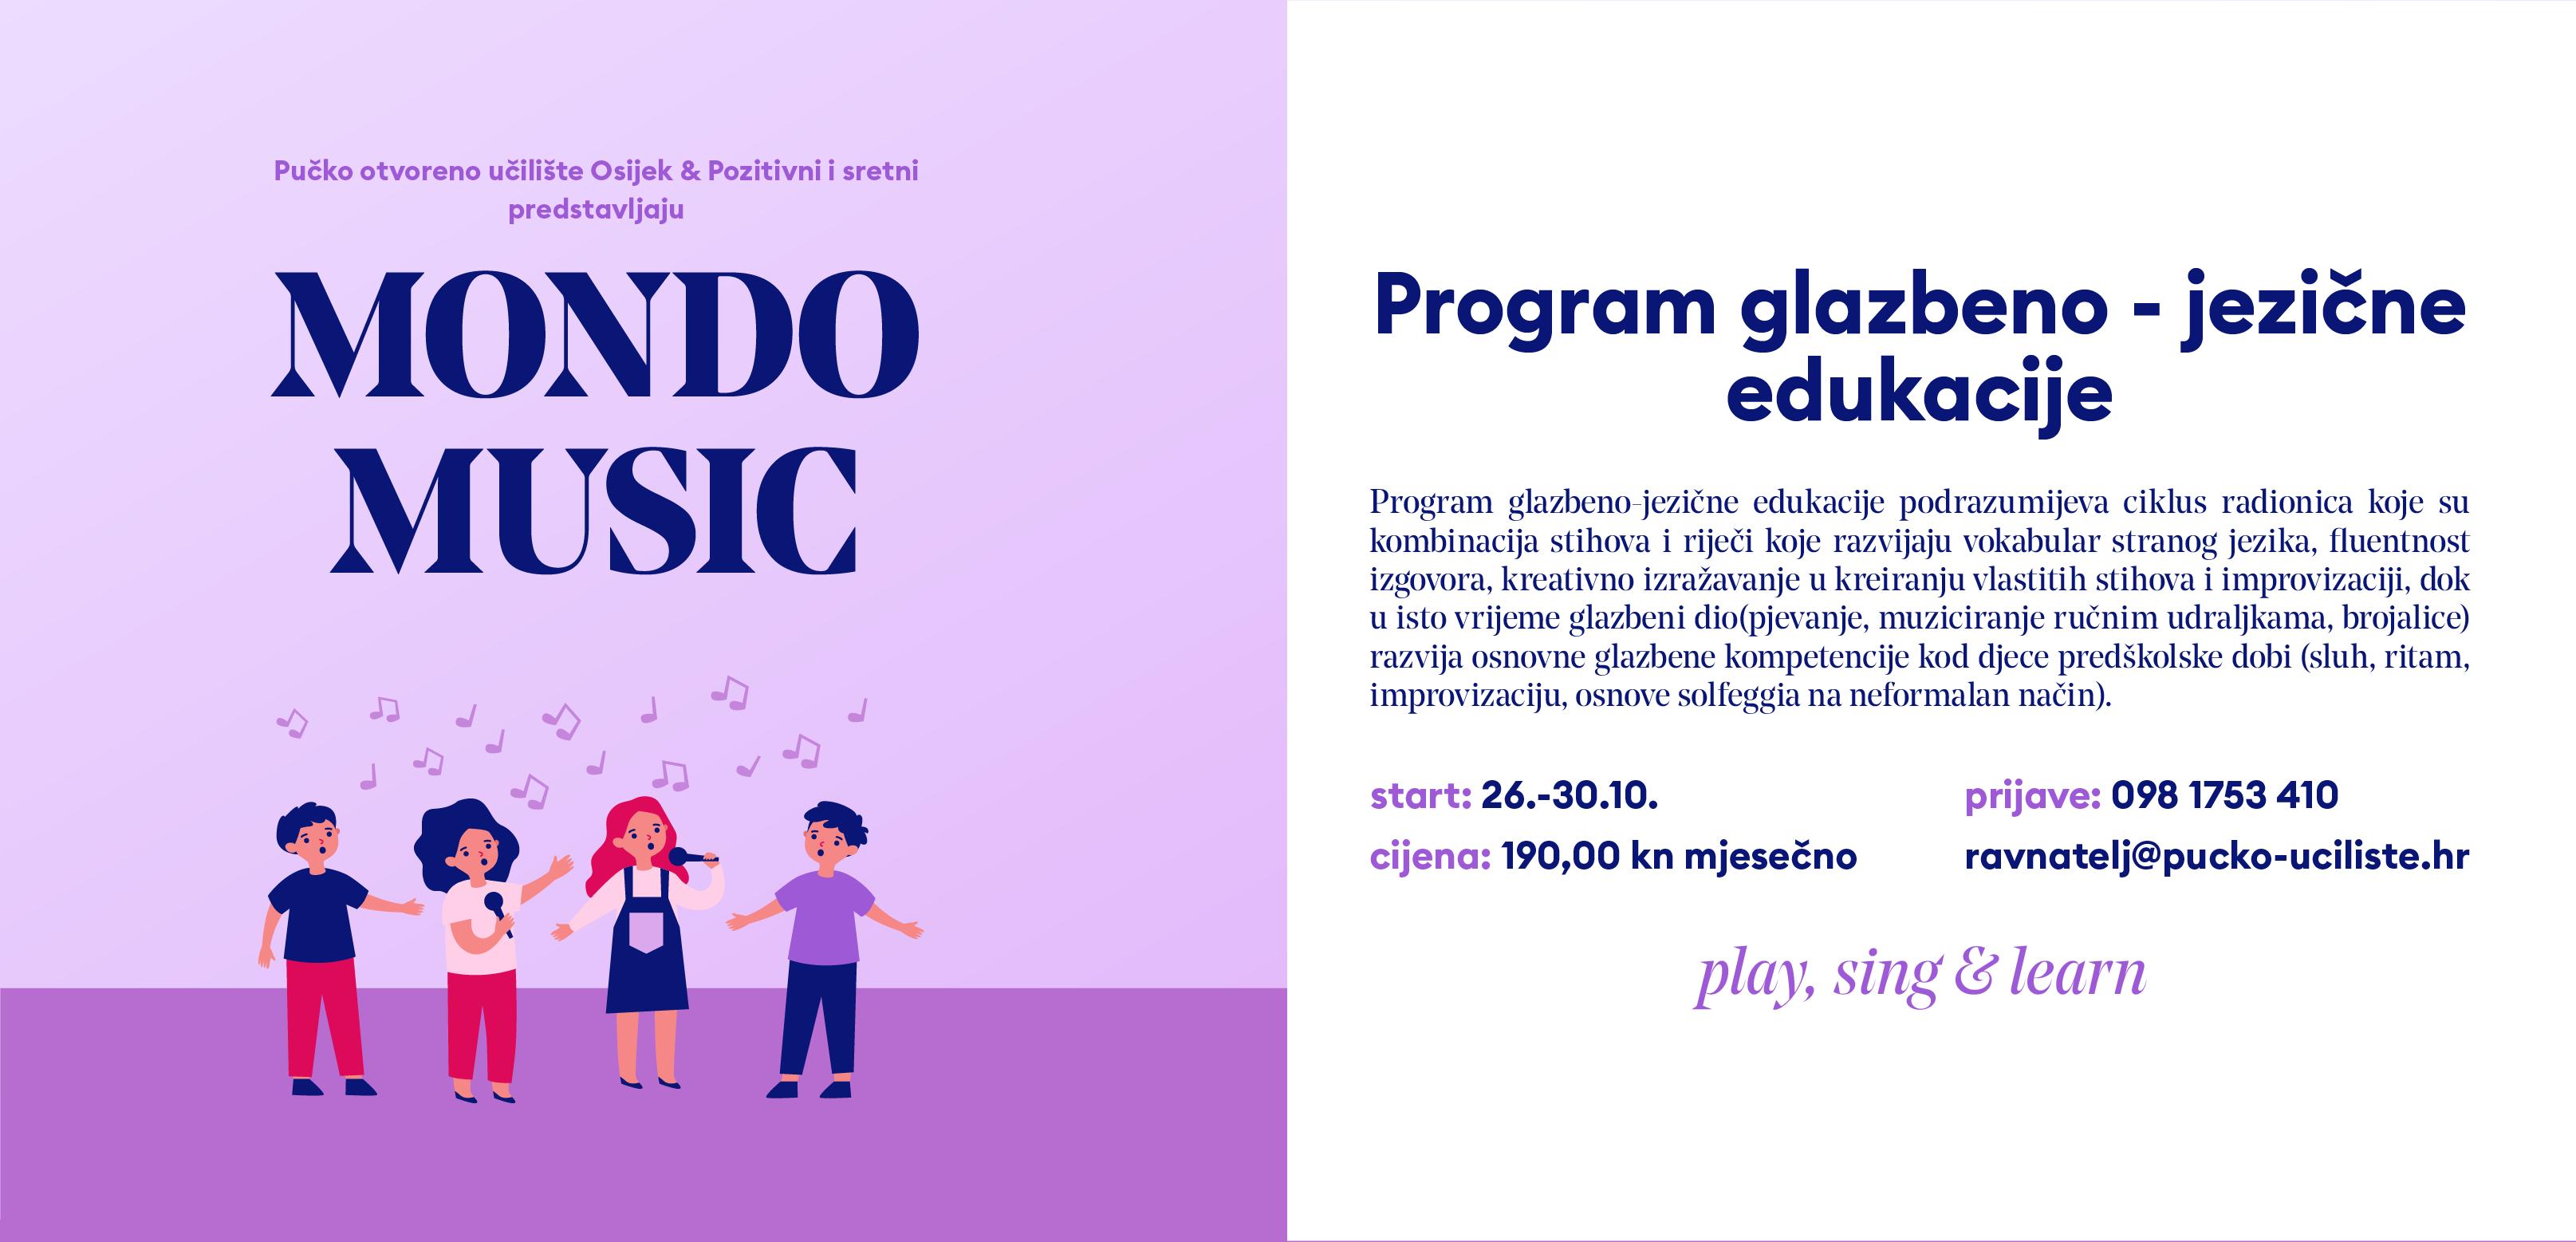 Mondo music: program glazbeno-jezične edukacije